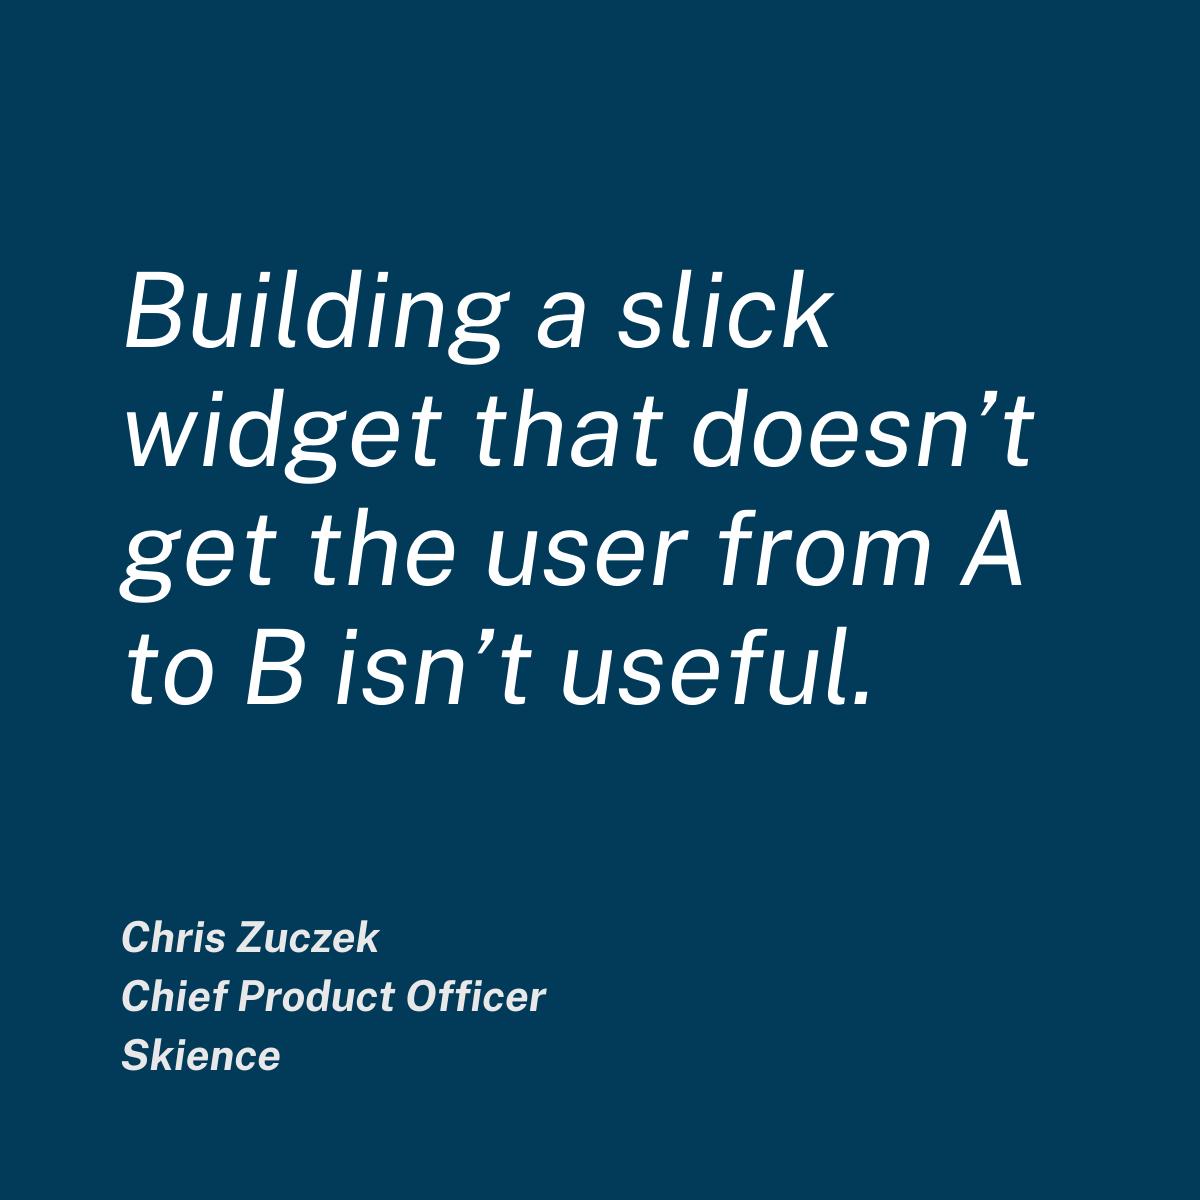 Chris Zuczek quote